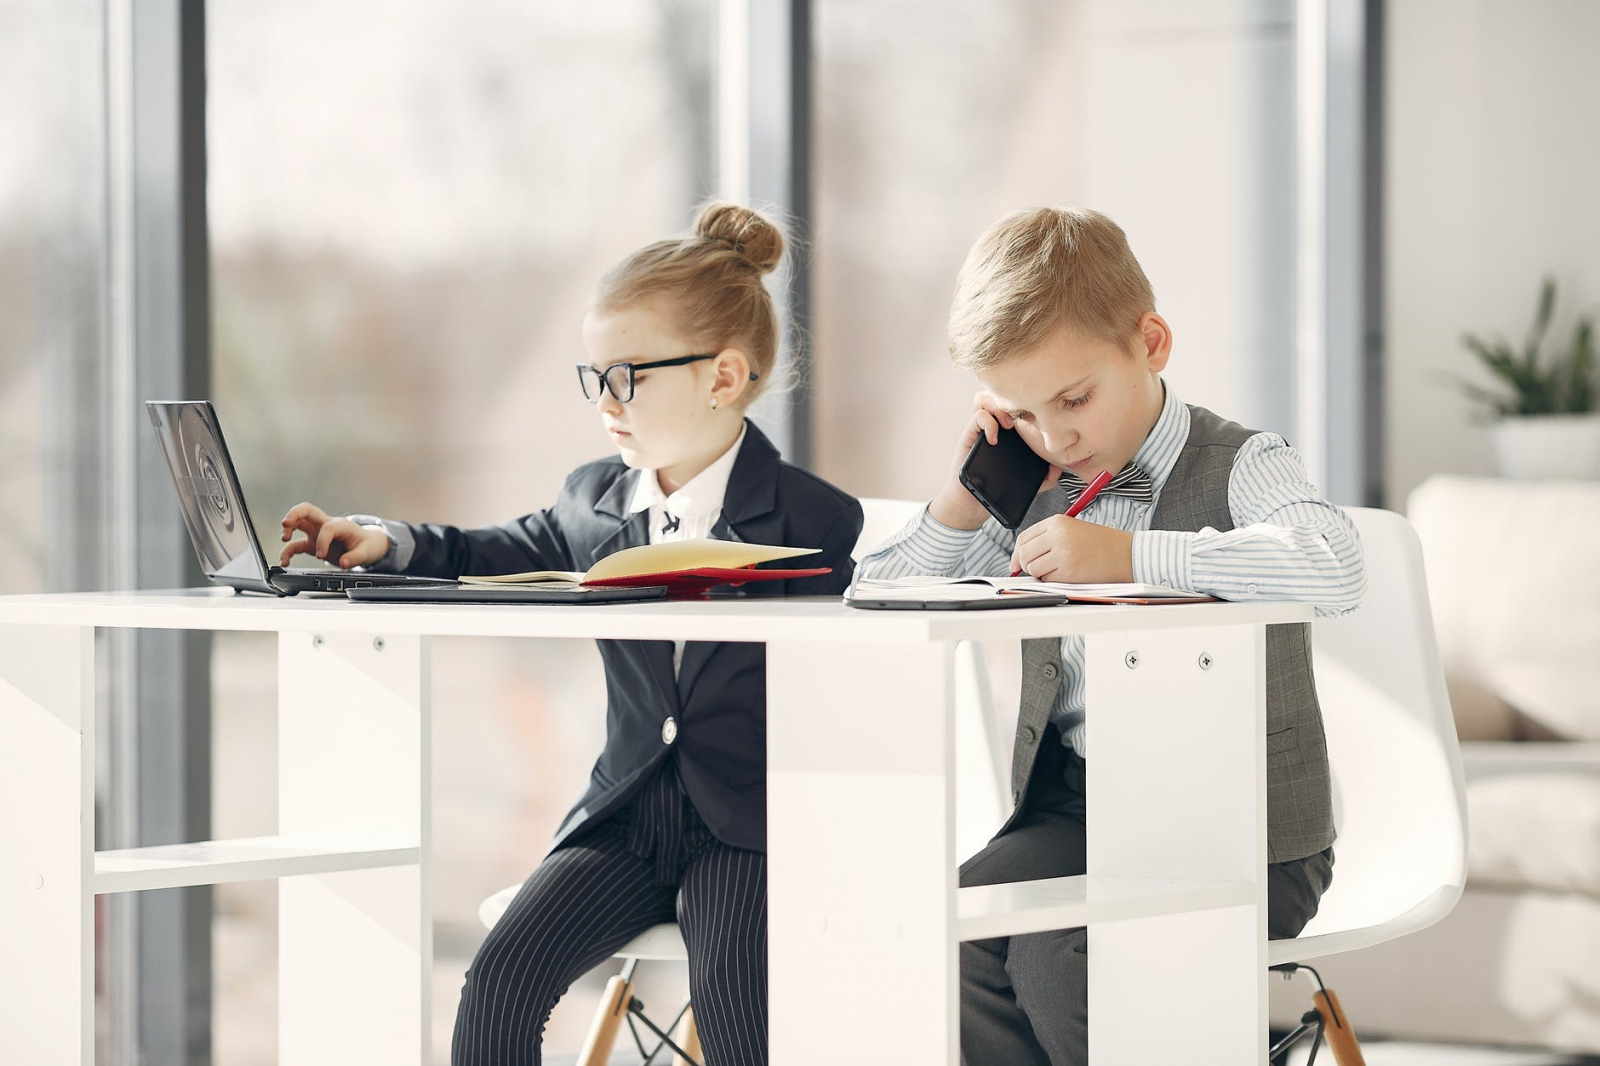 【理財專知】未成年可以買股票嗎?又該如何開戶呢?注意事項看這裡